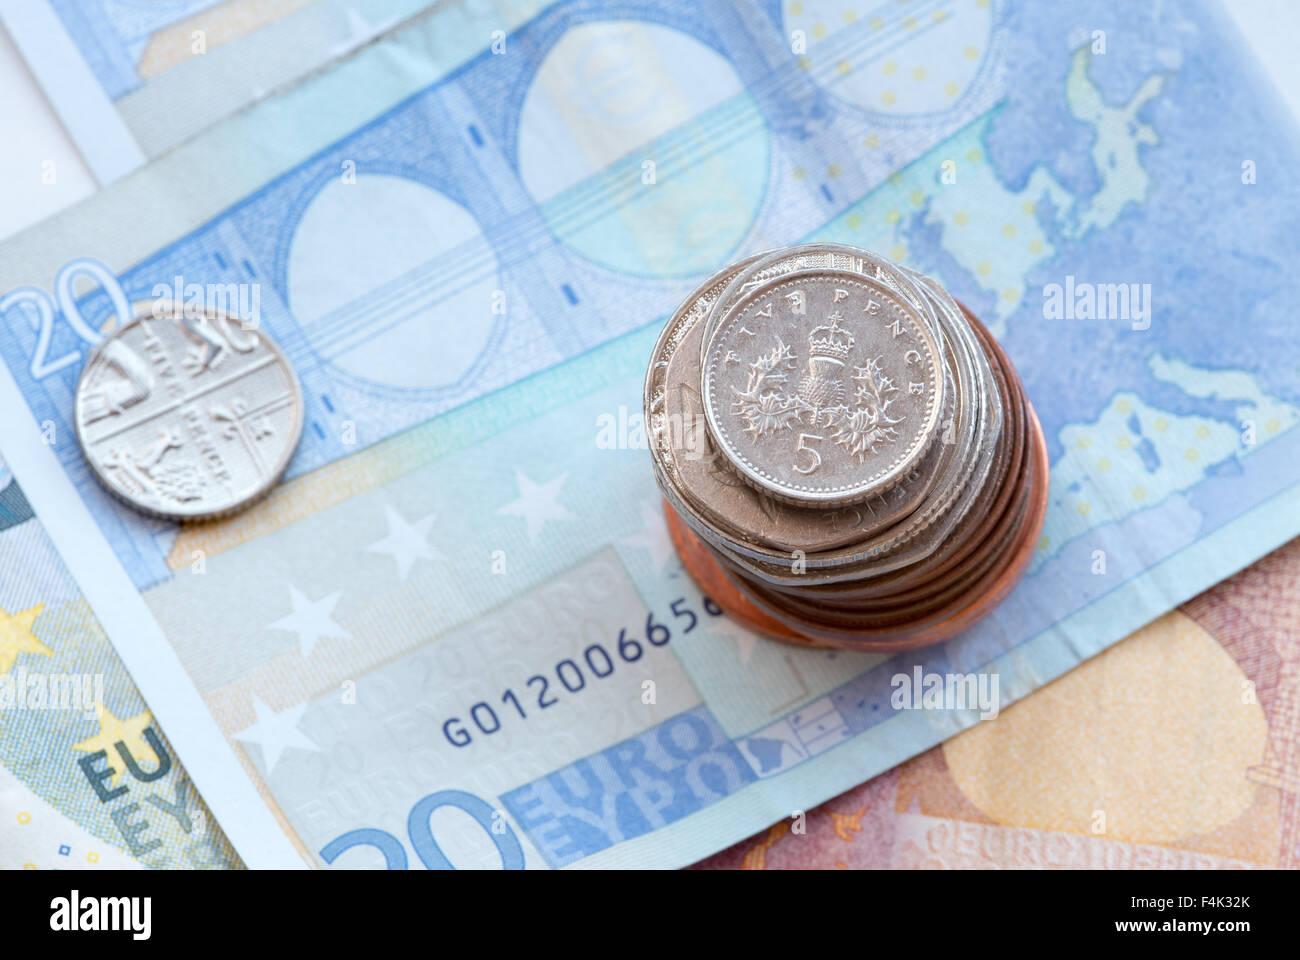 La cinq d'argent pence coin sur un tas de pièces de monnaie et billets de vingt euros Banque D'Images